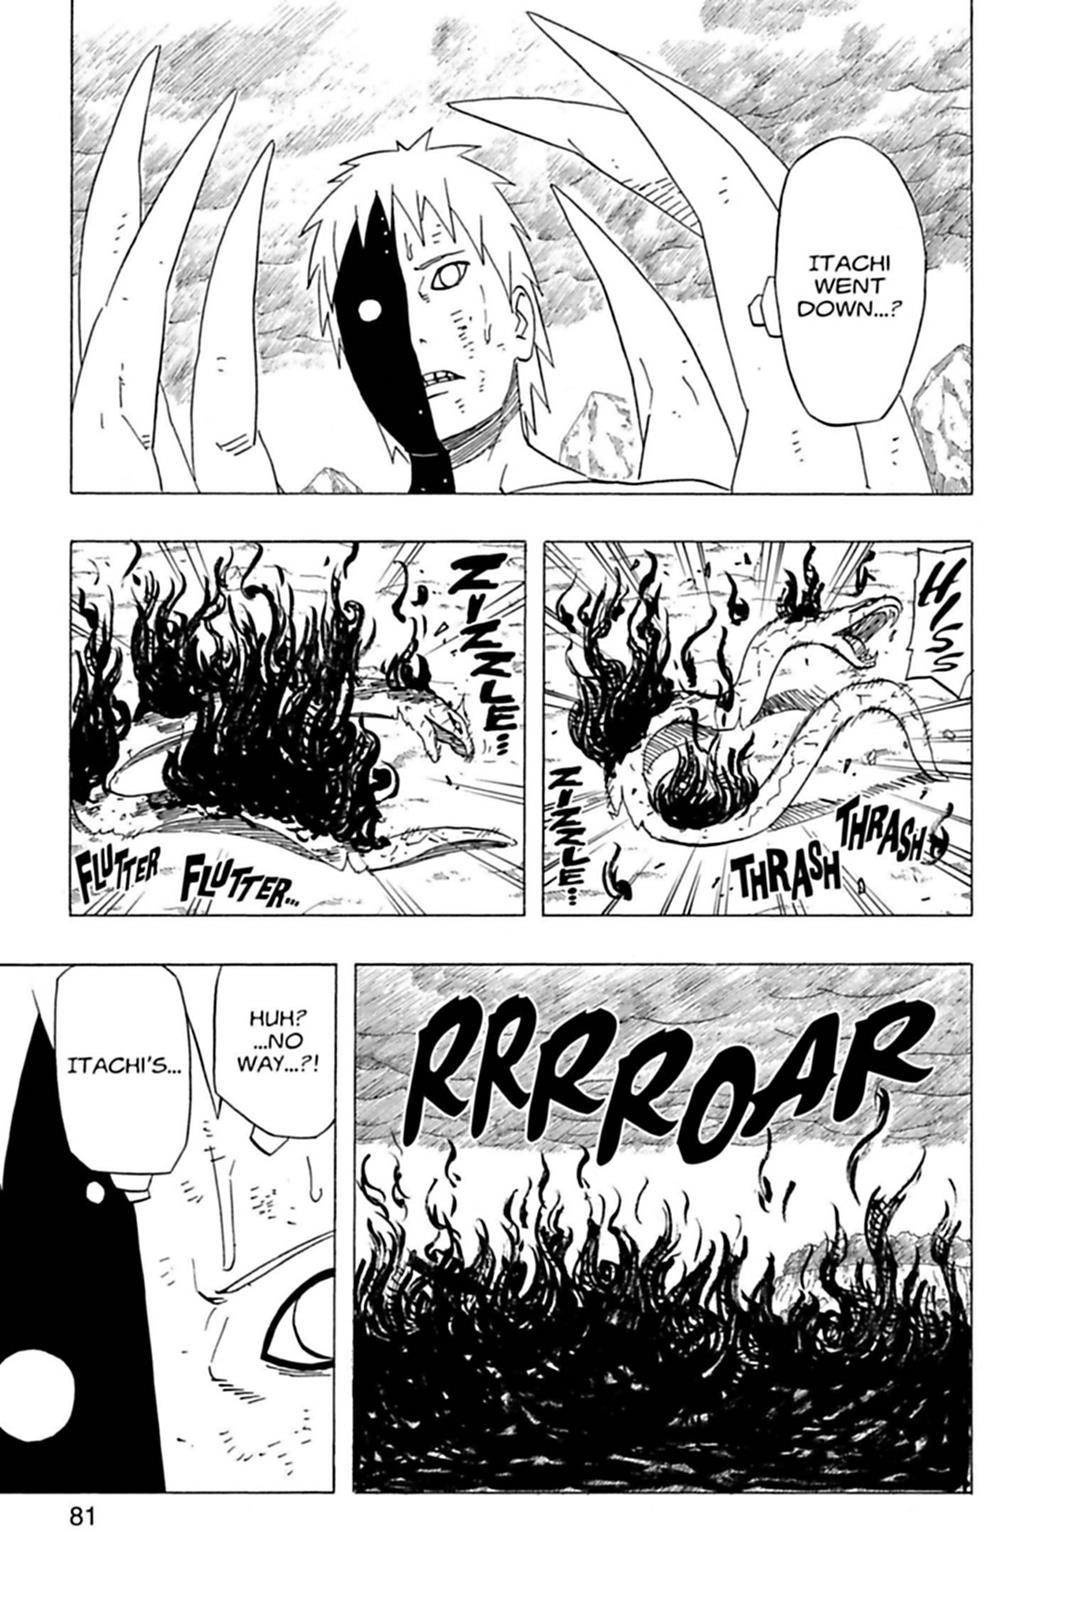 Mais poderoso do que você imagina #1: Orochimaru 0394-003